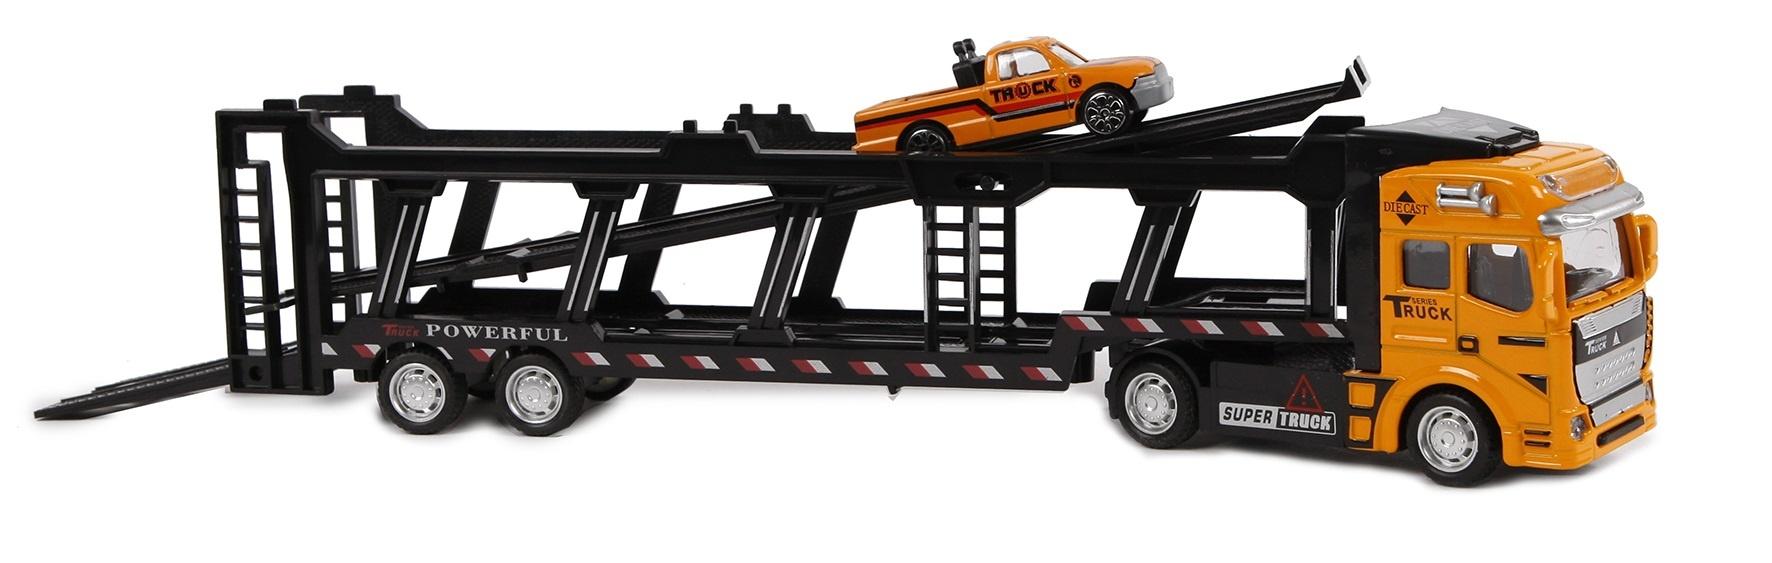 2-Play autotransporter vrachtwagen met pullback motor